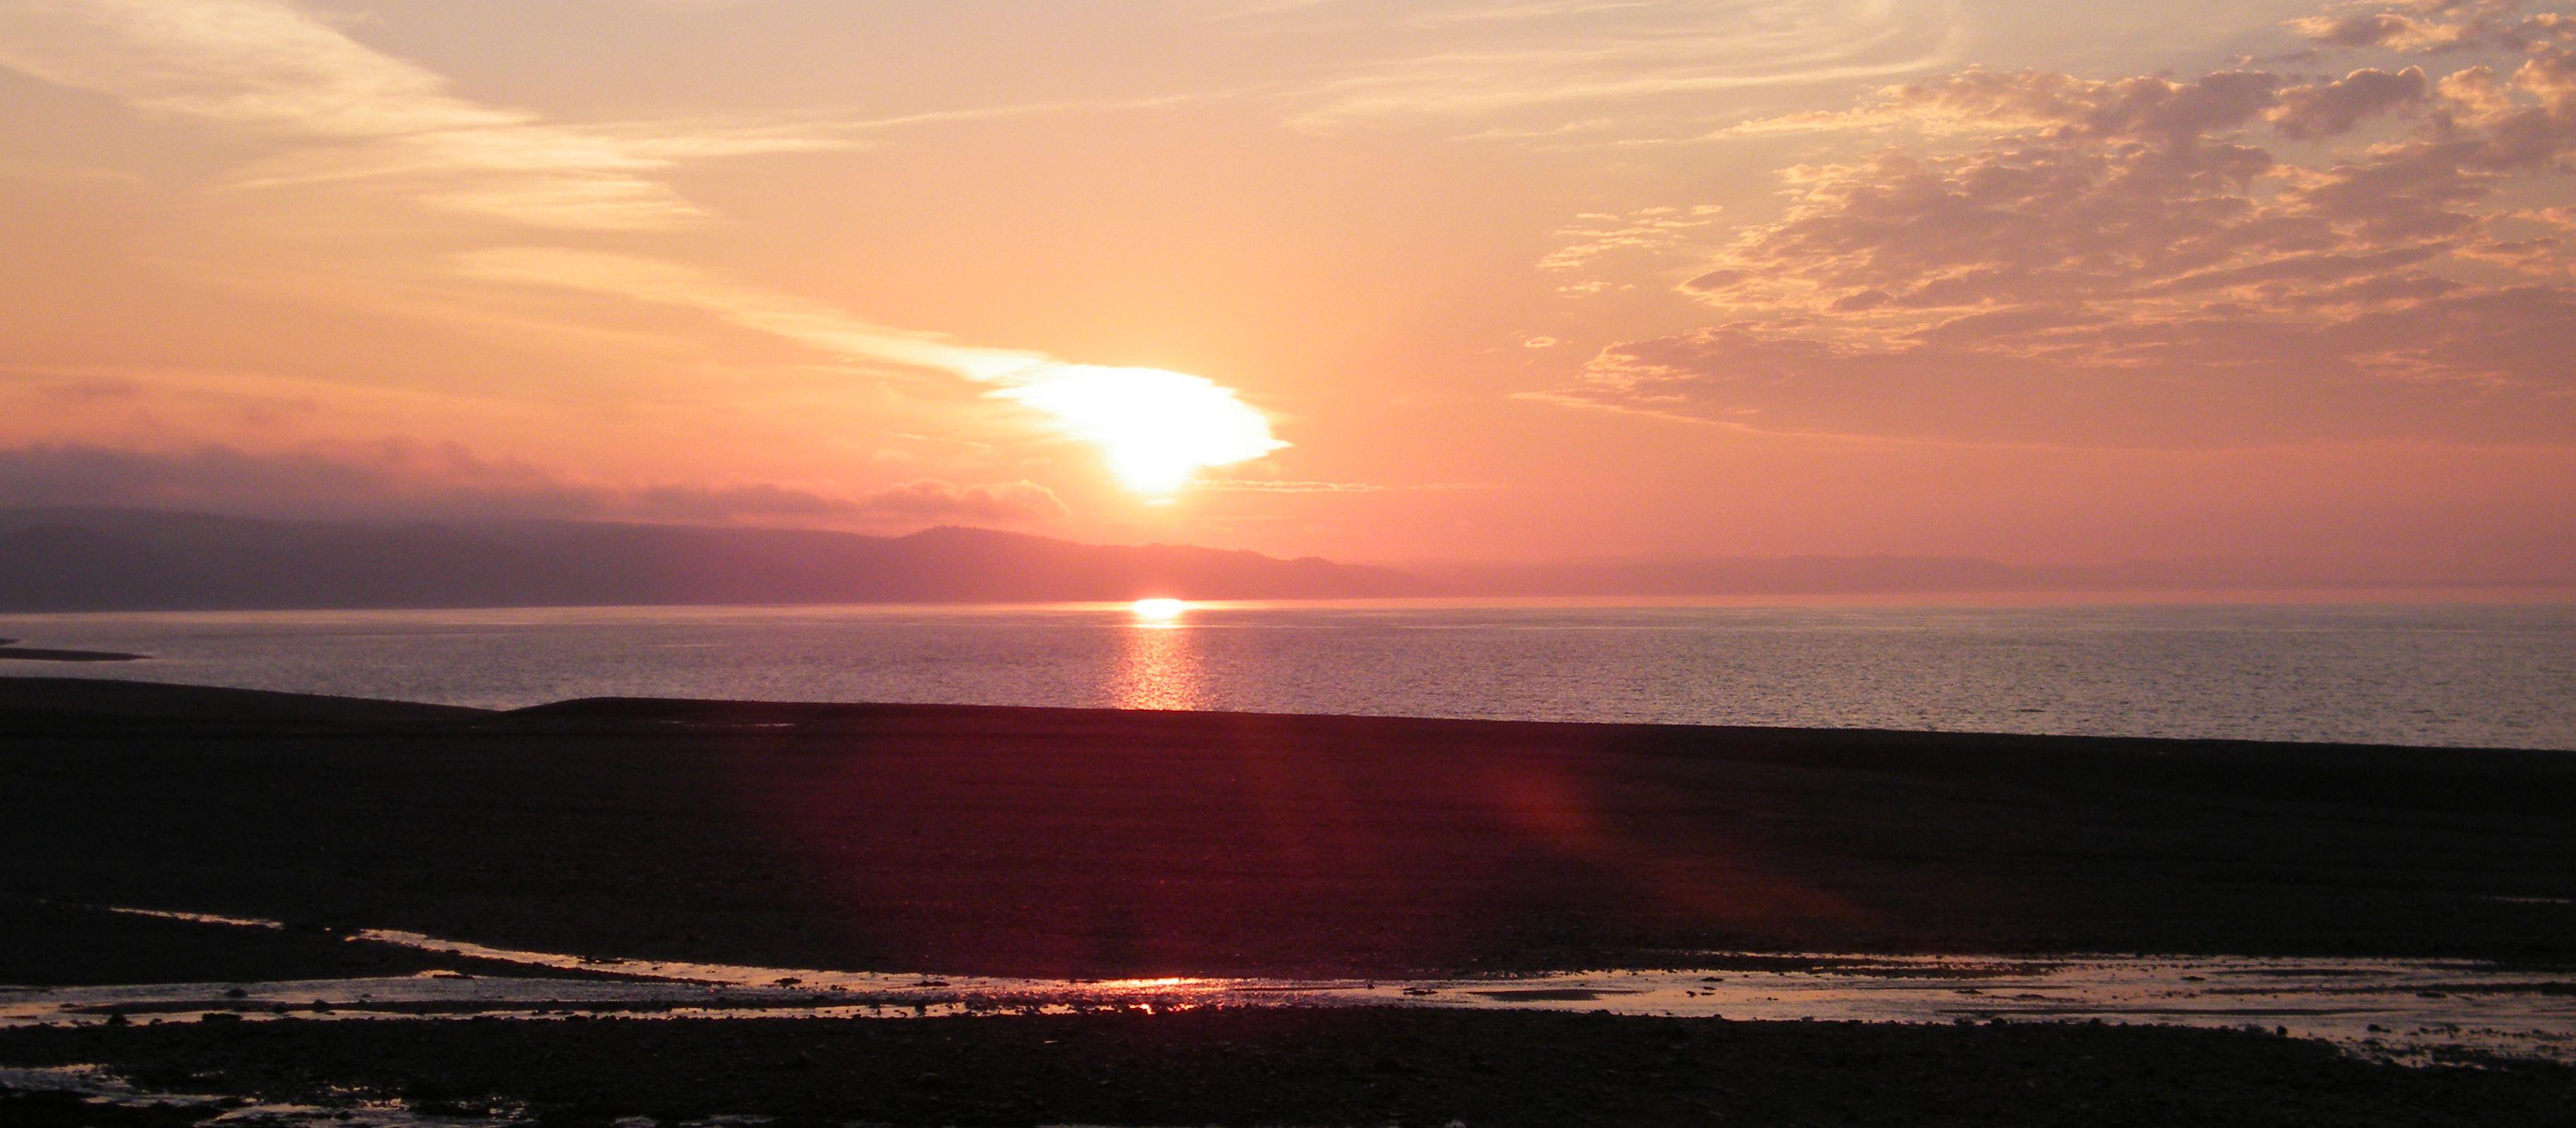 Sonnenaufgang direkt vom Camper aus gesehen